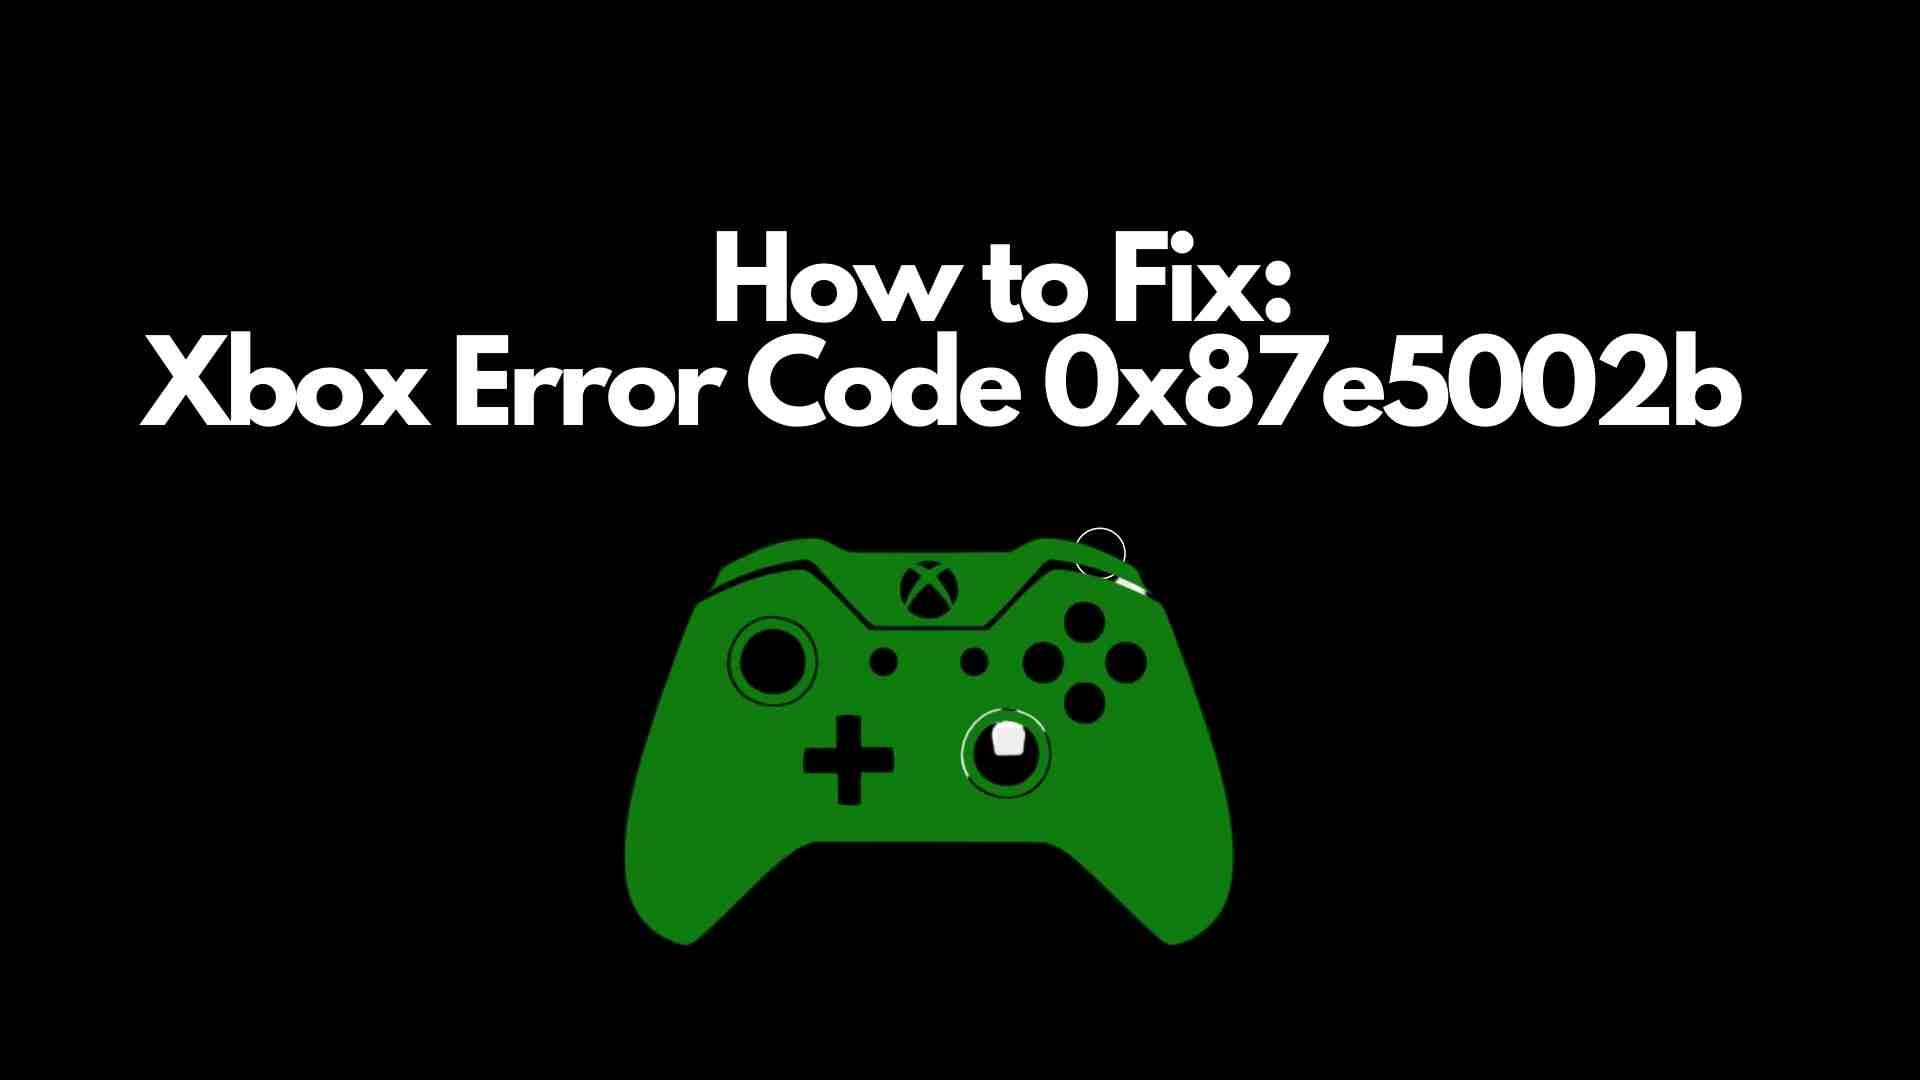 Xbox Error Code 00x87e5002b